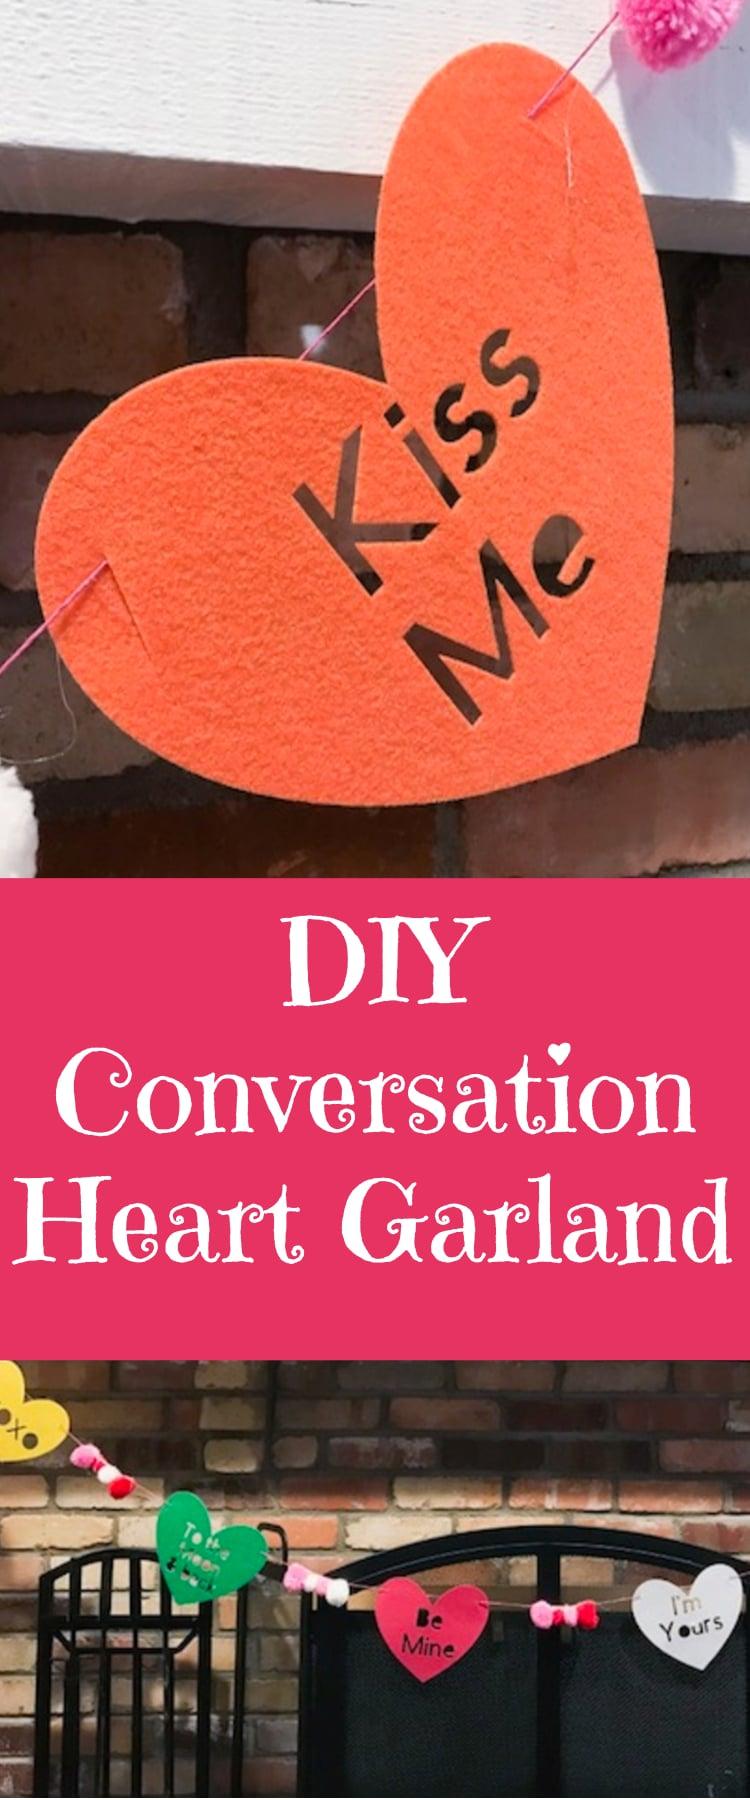 DIY Heart Garland / Cricut Garland / Cricut Valentine's Day / DIY Valentine's Day / #cricut #cricutmaker #cricutvalentines #DIY via @clarkscondensed